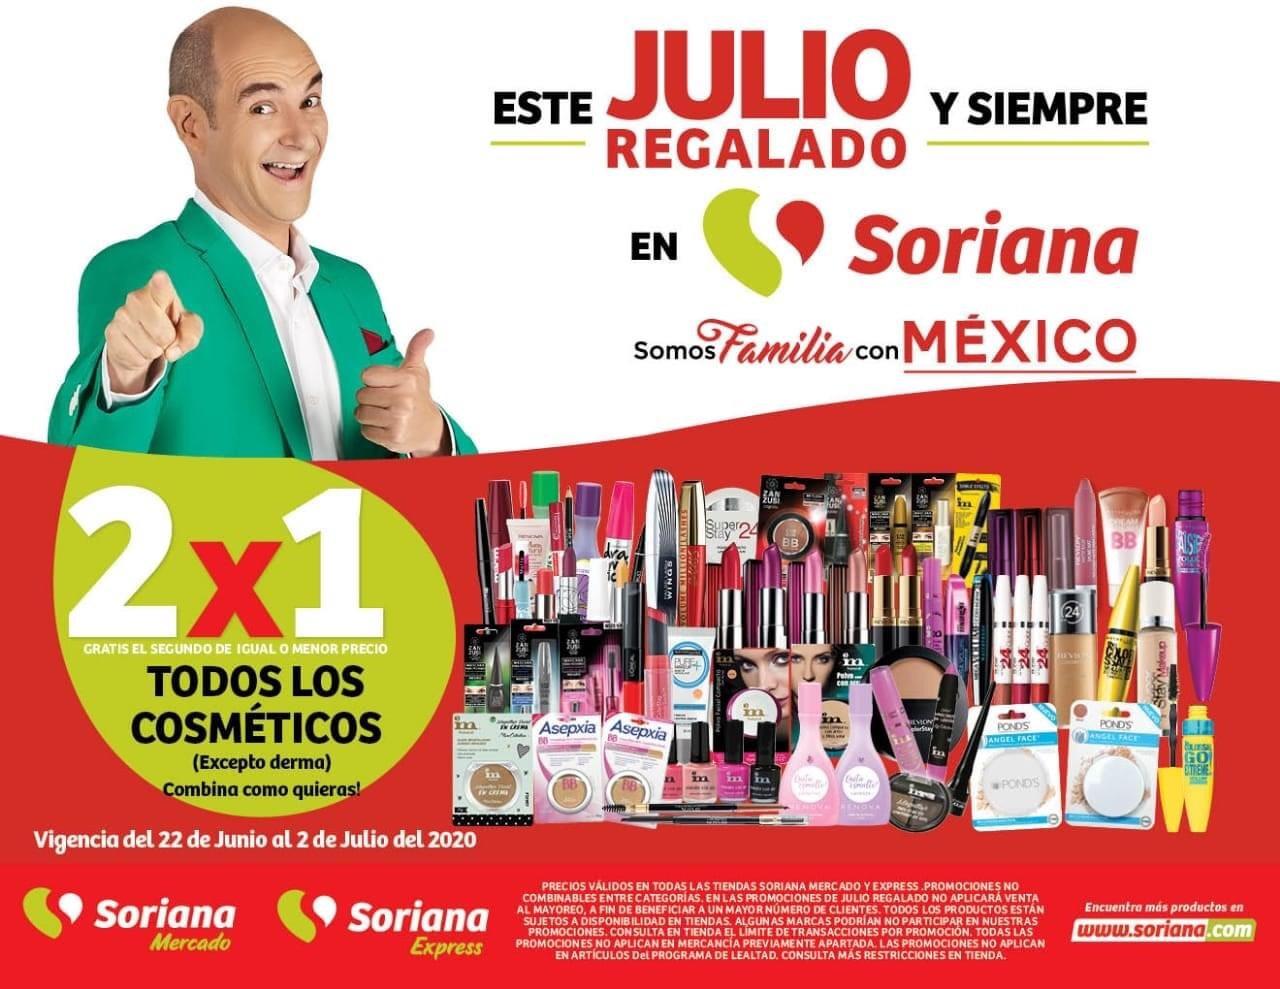 Julio Regalado 2020 en Soriana: 2x1 en TODOS los Cosméticos